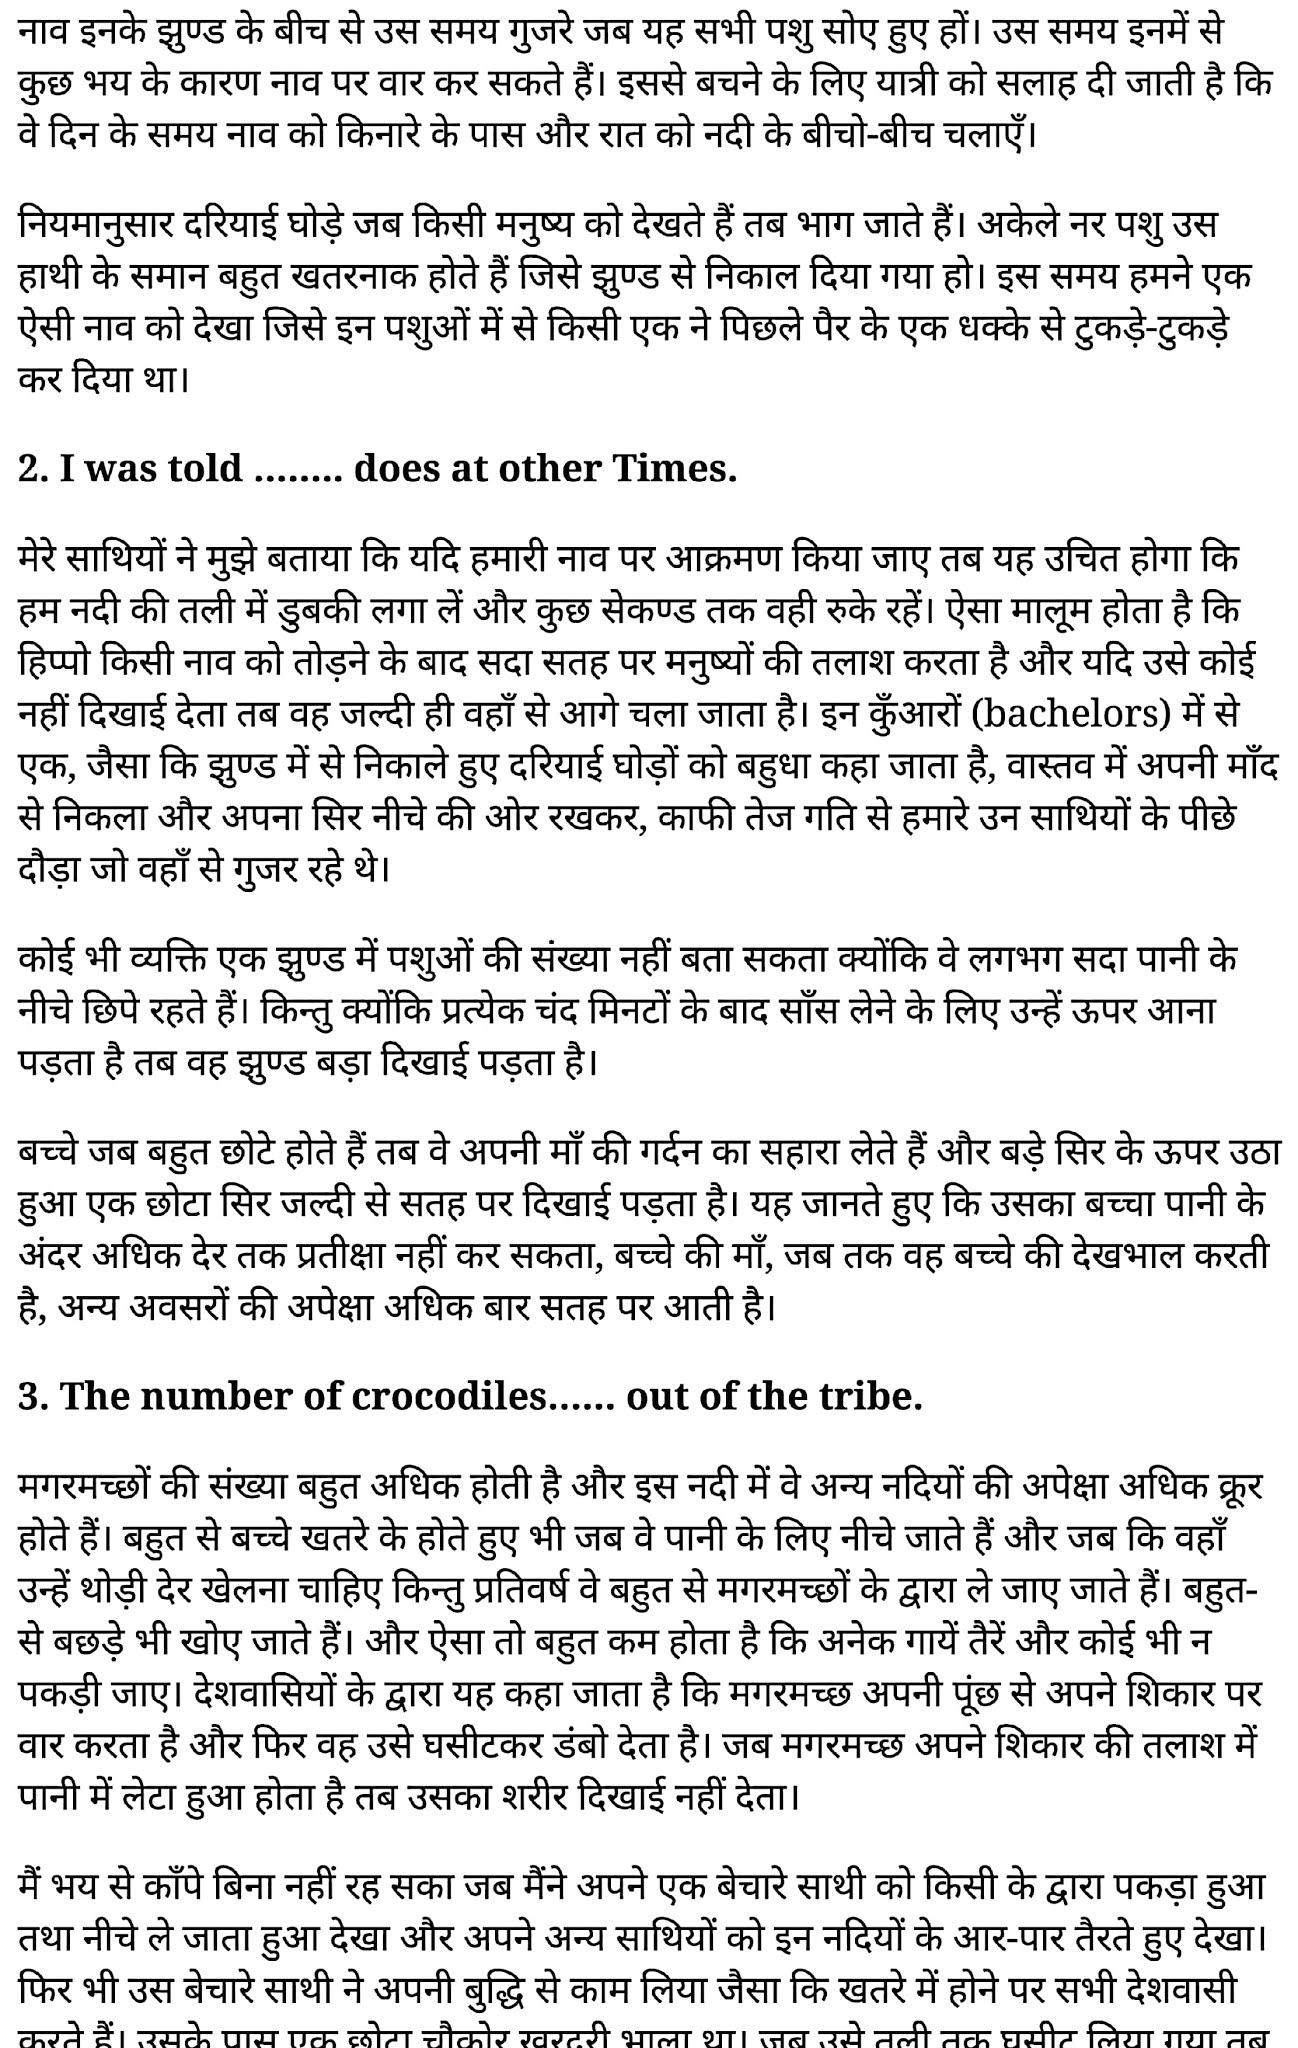 कक्षा 11 अंग्रेज़ी Prose अध्याय 7  के नोट्स हिंदी में एनसीईआरटी समाधान,   class 11 Prose chapter 7 Prose chapter 1,  class 11 Prose chapter 7 Prose chapter 7 ncert solutions in hindi,  class 11 Prose chapter 7 Prose chapter 7 notes in hindi,  class 11 Prose chapter 7 Prose chapter 7 question answer,  class 11 Prose chapter 7 Prose chapter 7 notes,  11   class Prose chapter 7 Prose chapter 7 in hindi,  class 11 Prose chapter 7 Prose chapter 7 in hindi,  class 11 Prose chapter 7 Prose chapter 7 important questions in hindi,  class 11 Prose chapter 7 notes in hindi,  class 11 Prose chapter 7 Prose chapter 7 test,  class 11 Prose chapter 1Prose chapter 7 pdf,  class 11 Prose chapter 7 Prose chapter 7 notes pdf,  class 11 Prose chapter 7 Prose chapter 7 exercise solutions,  class 11 Prose chapter 7 Prose chapter 1, class 11 Prose chapter 7 Prose chapter 7 notes study rankers,  class 11 Prose chapter 7 Prose chapter 7 notes,  class 11 Prose chapter 7 notes,   Prose chapter 7  class 11  notes pdf,  Prose chapter 7 class 11  notes 2021 ncert,   Prose chapter 7 class 11 pdf,    Prose chapter 7  book,     Prose chapter 7 quiz class 11  ,       11  th Prose chapter 7    book up board,       up board 11  th Prose chapter 7 notes,  कक्षा 11 अंग्रेज़ी Prose अध्याय 7 , कक्षा 11 अंग्रेज़ी का Prose अध्याय 7  ncert solution in hindi, कक्षा 11 अंग्रेज़ी के Prose अध्याय 7  के नोट्स हिंदी में, कक्षा 11 का अंग्रेज़ीProse अध्याय 7 का प्रश्न उत्तर, कक्षा 11 अंग्रेज़ी Prose अध्याय 7 के नोट्स, 11 कक्षा अंग्रेज़ी Prose अध्याय 7   हिंदी में,कक्षा 11 अंग्रेज़ी Prose अध्याय 7  हिंदी में, कक्षा 11 अंग्रेज़ी Prose अध्याय 7  महत्वपूर्ण प्रश्न हिंदी में,कक्षा 11 के अंग्रेज़ी के नोट्स हिंदी में,अंग्रेज़ी कक्षा 11 नोट्स pdf,  अंग्रेज़ी  कक्षा 11 नोट्स 2021 ncert,  अंग्रेज़ी  कक्षा 11 pdf,  अंग्रेज़ी  पुस्तक,  अंग्रेज़ी की बुक,  अंग्रेज़ी  प्रश्नोत्तरी class 11  , 11   वीं अंग्रेज़ी  पुस्तक up board,  बिहार बोर्ड 11  पुस्तक वीं अंग्रेज़ी नोट्स,    11th Prose chapter 1   book in hindi,11  th Prose chapt